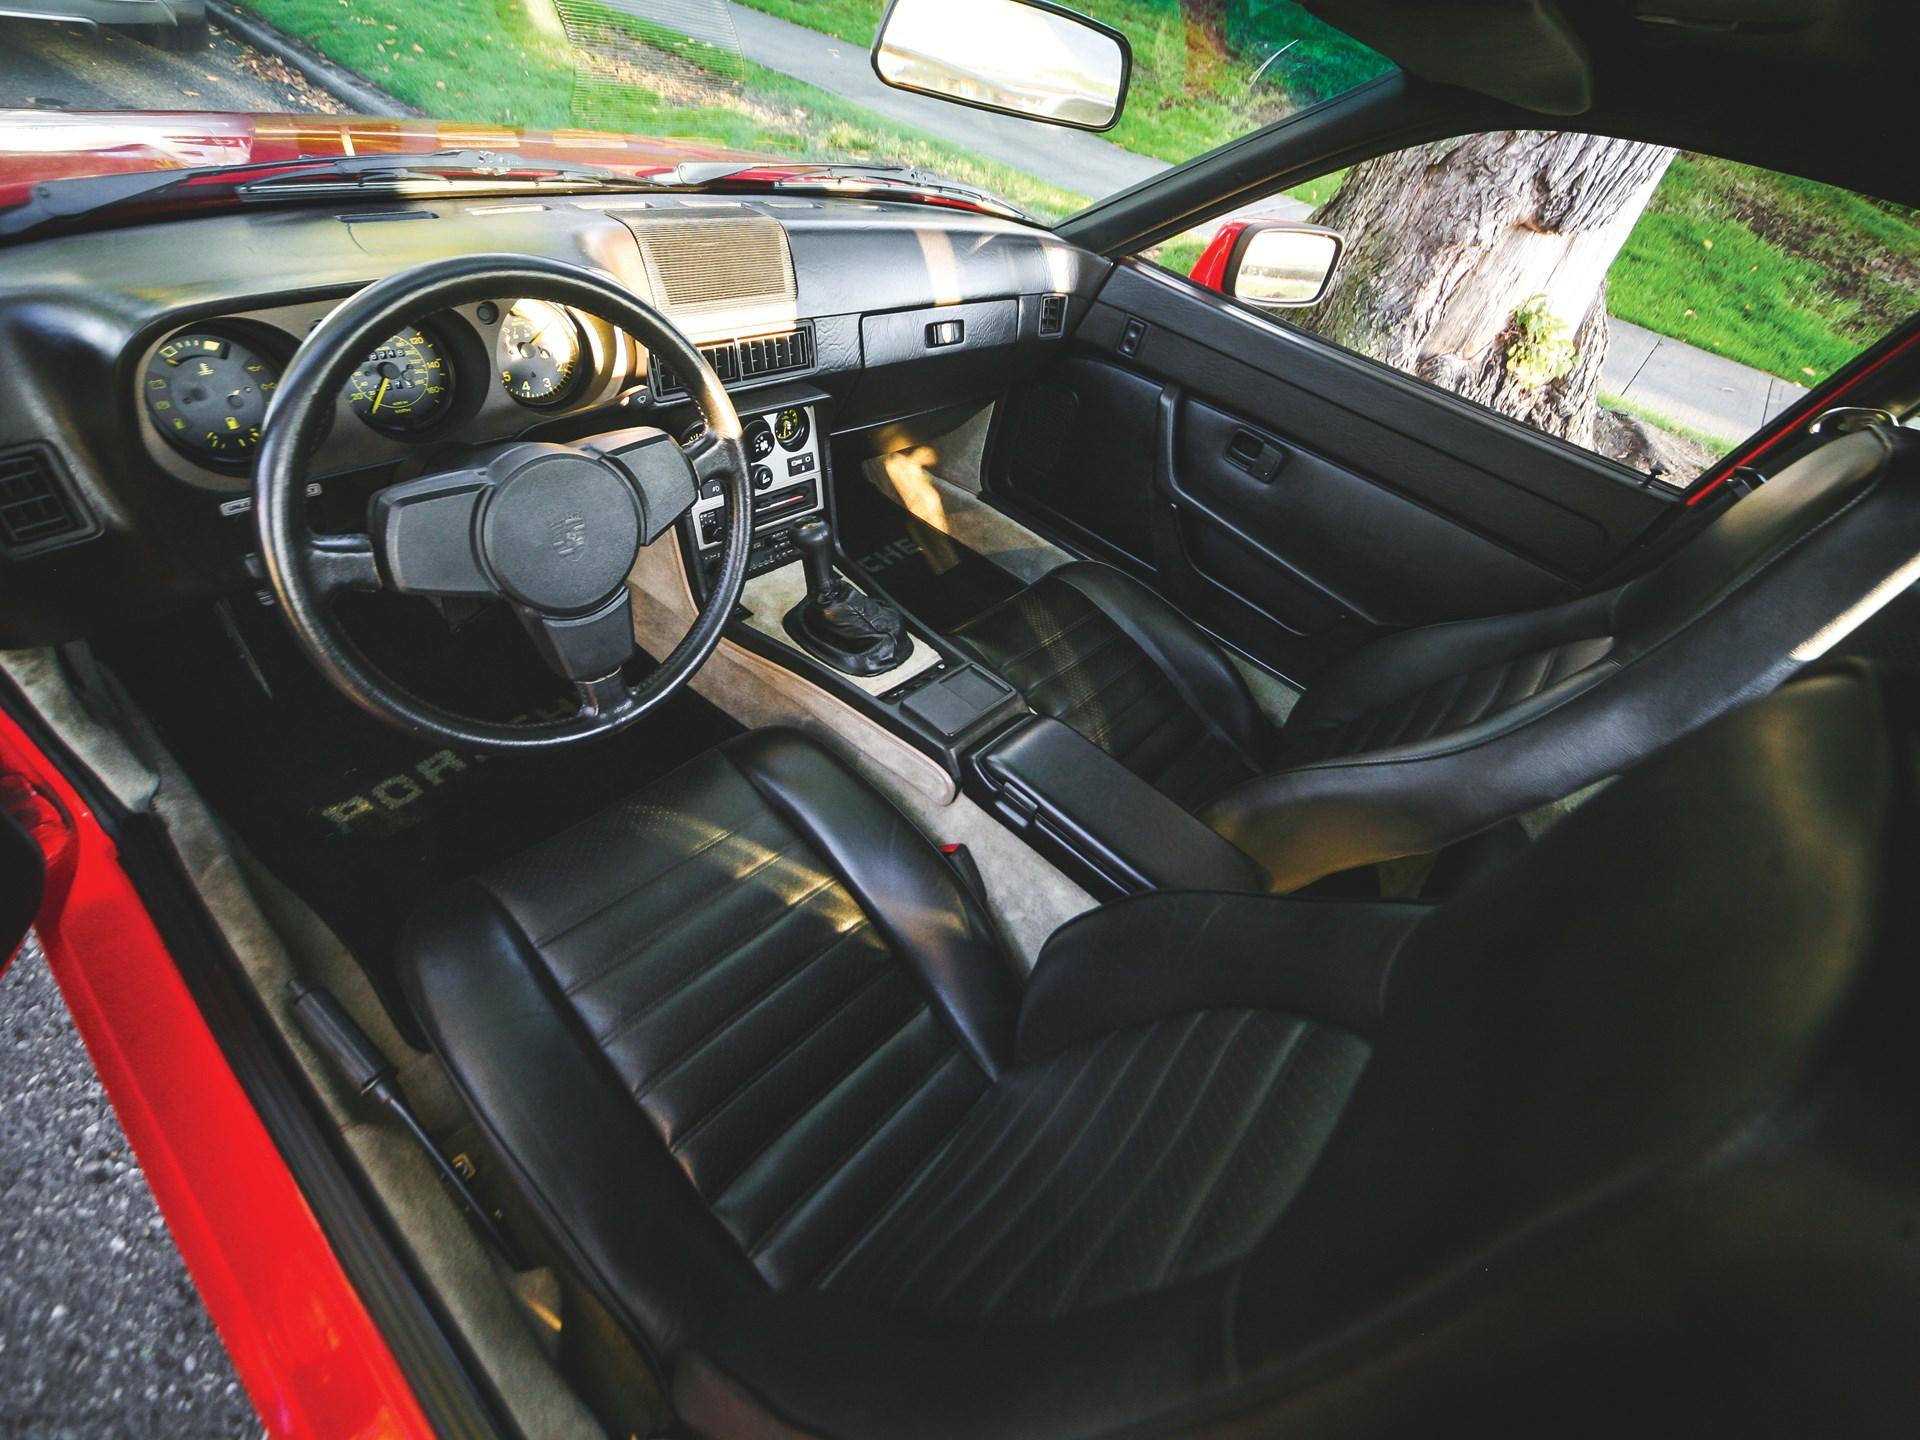 1984 Porsche 944 interior drivers side